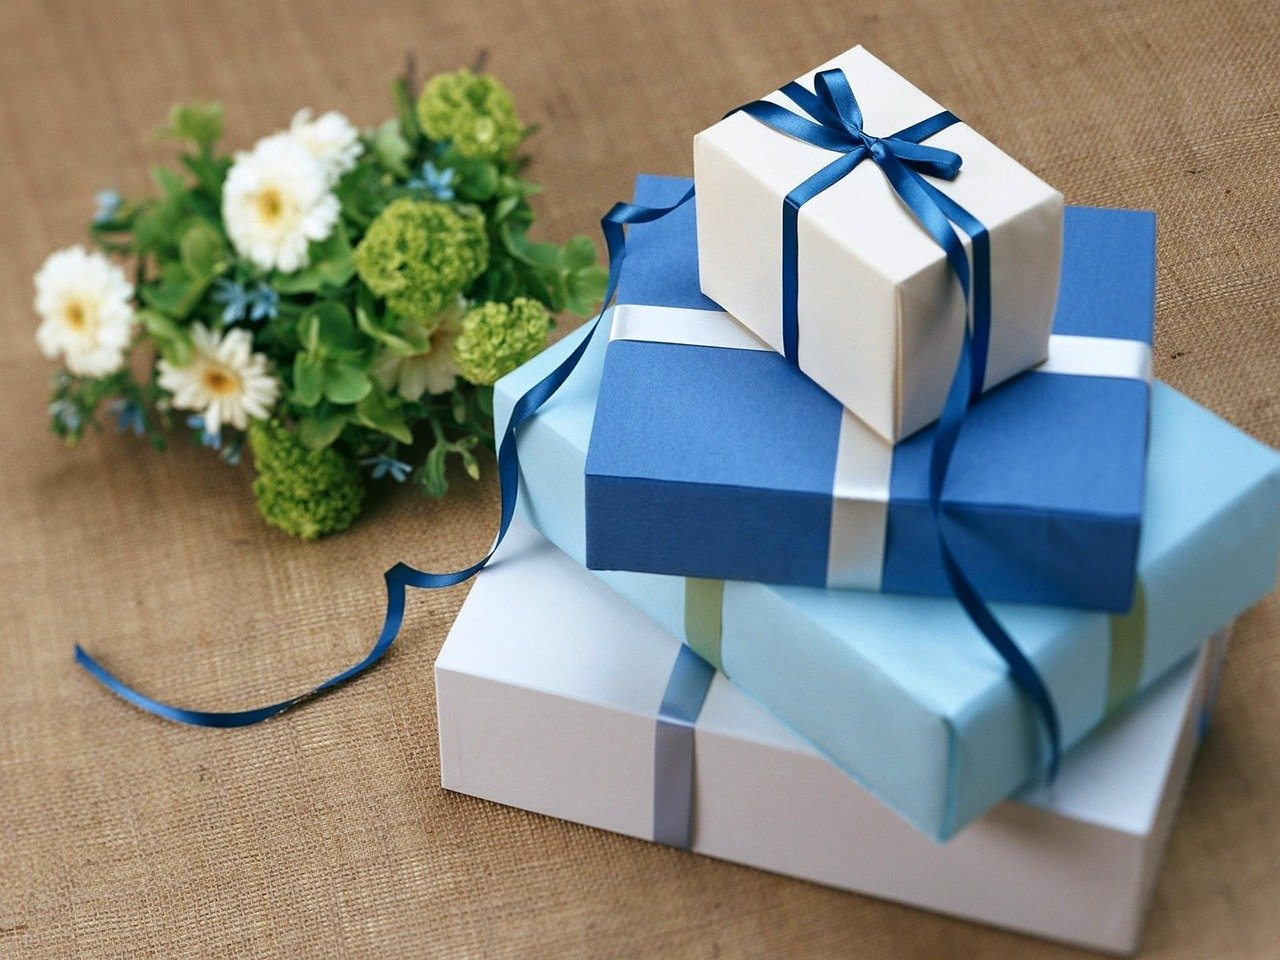 Tết Trung thu cũng là dịp để người thân trao nhau những món quà ý nghĩa